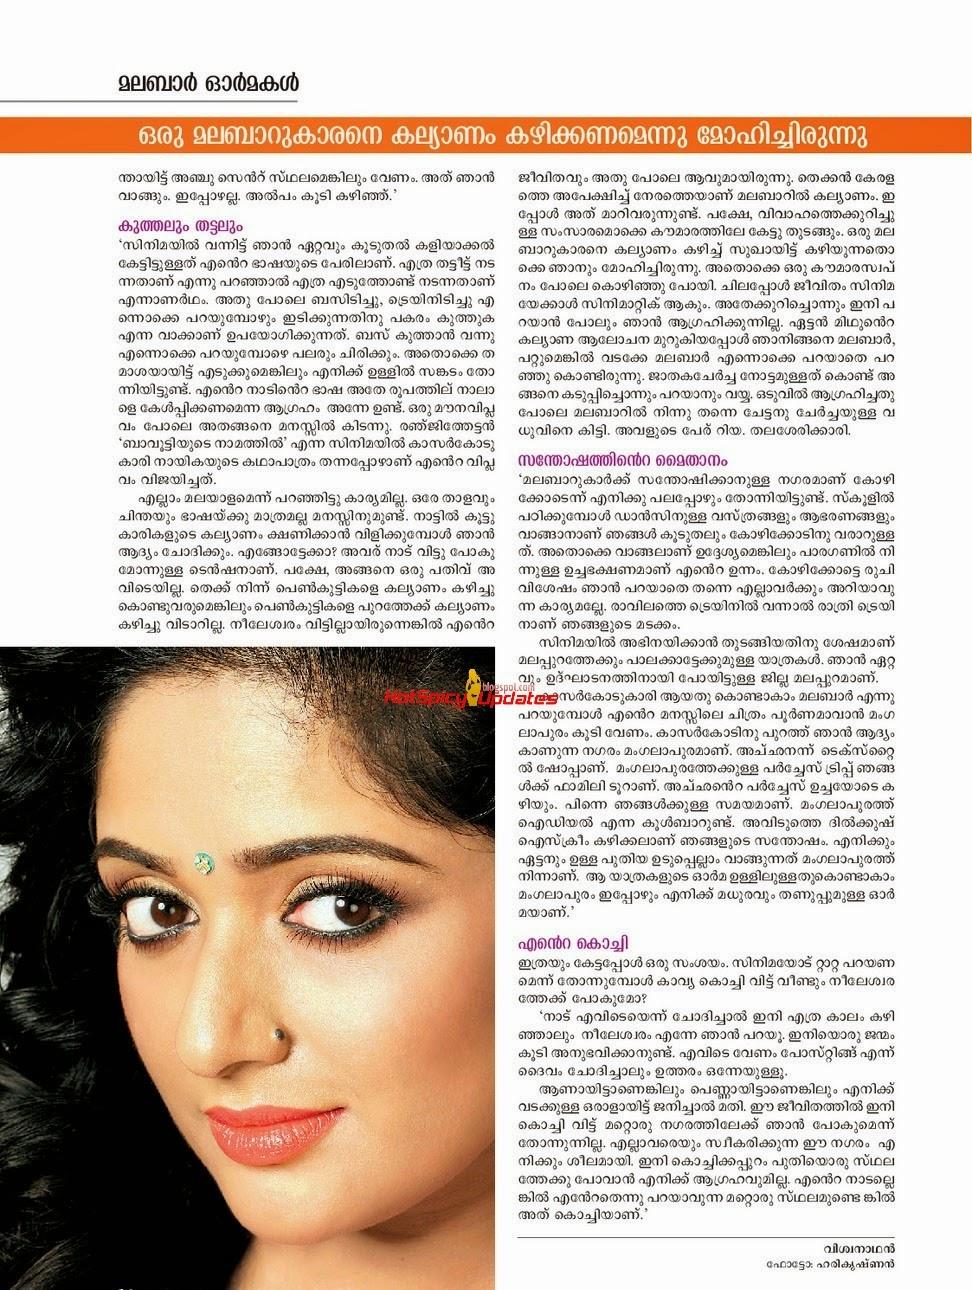 Kavya Madhavan Latest Scans from Vanitha Magazine July 2014 | Latest ...